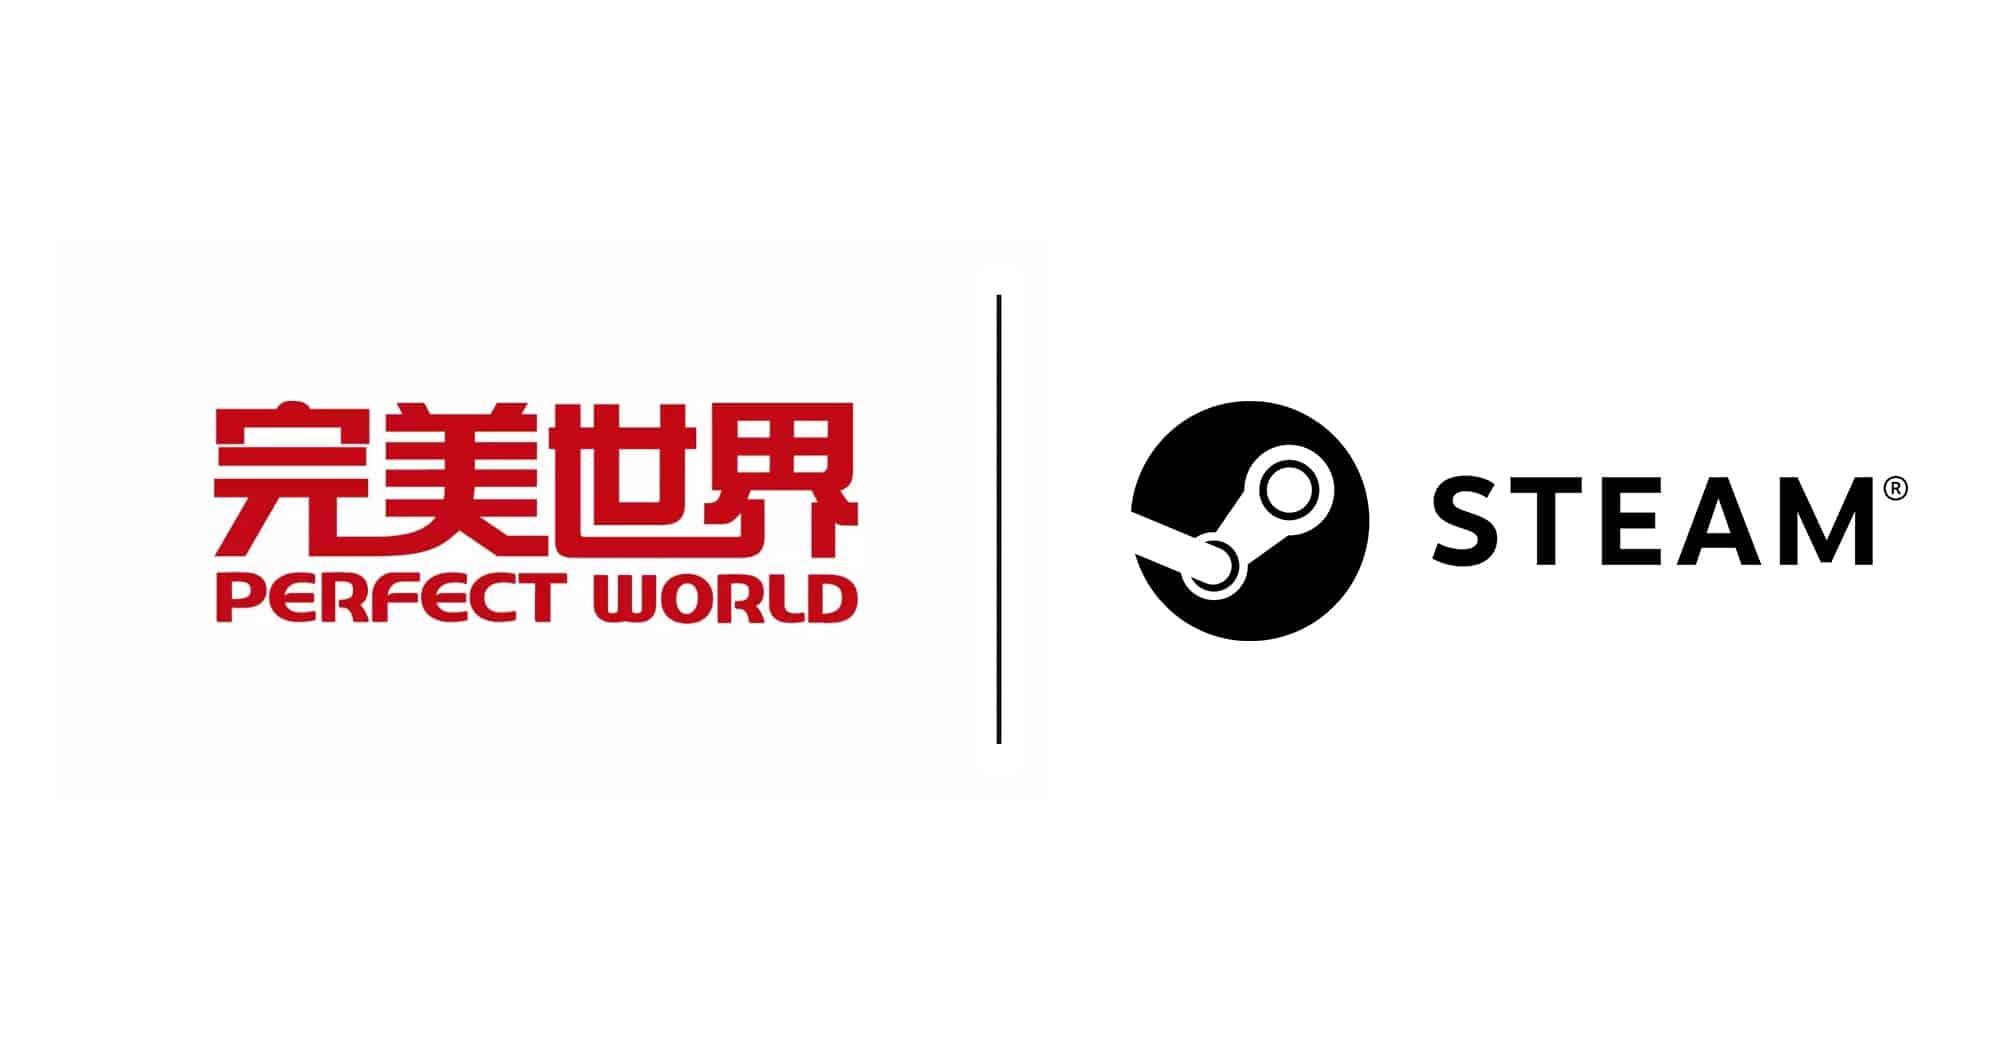 Steam saapuu Kiinaan … Mutta aivan eri tavalla.